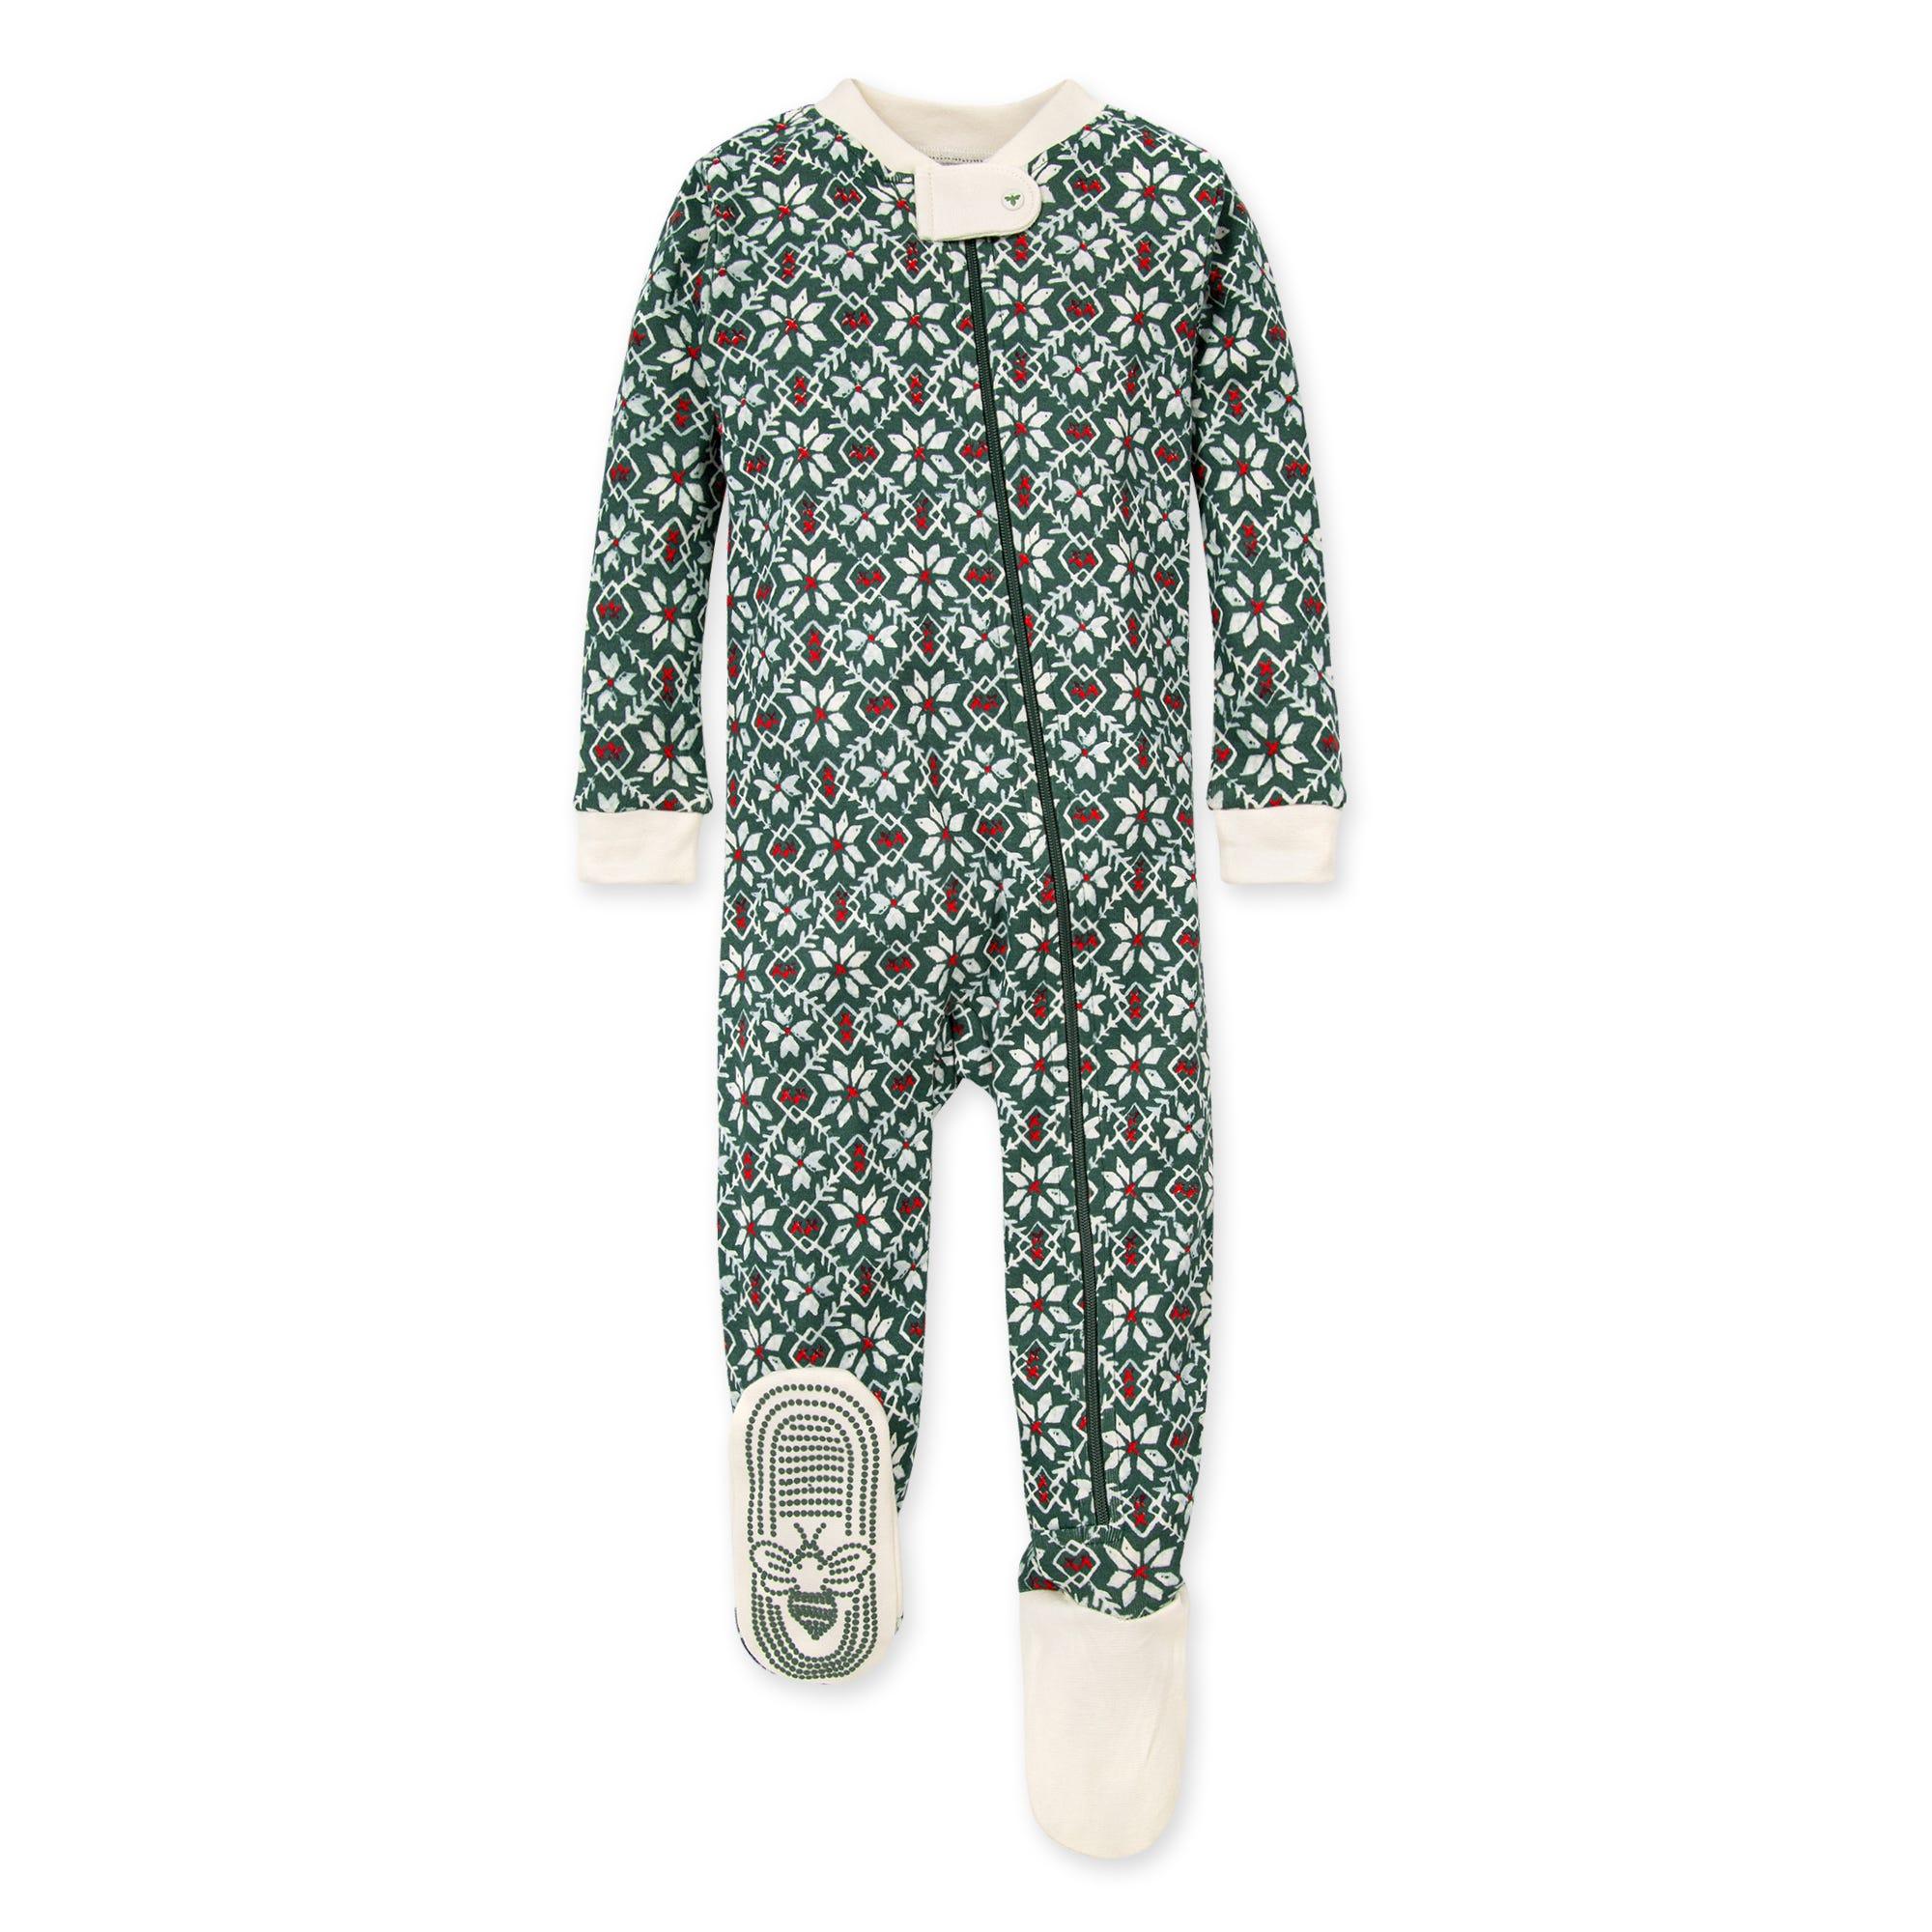 Family Pajamas Unisex Baby Boys or Girls Winter Fairisle One-Piece PJ Gray